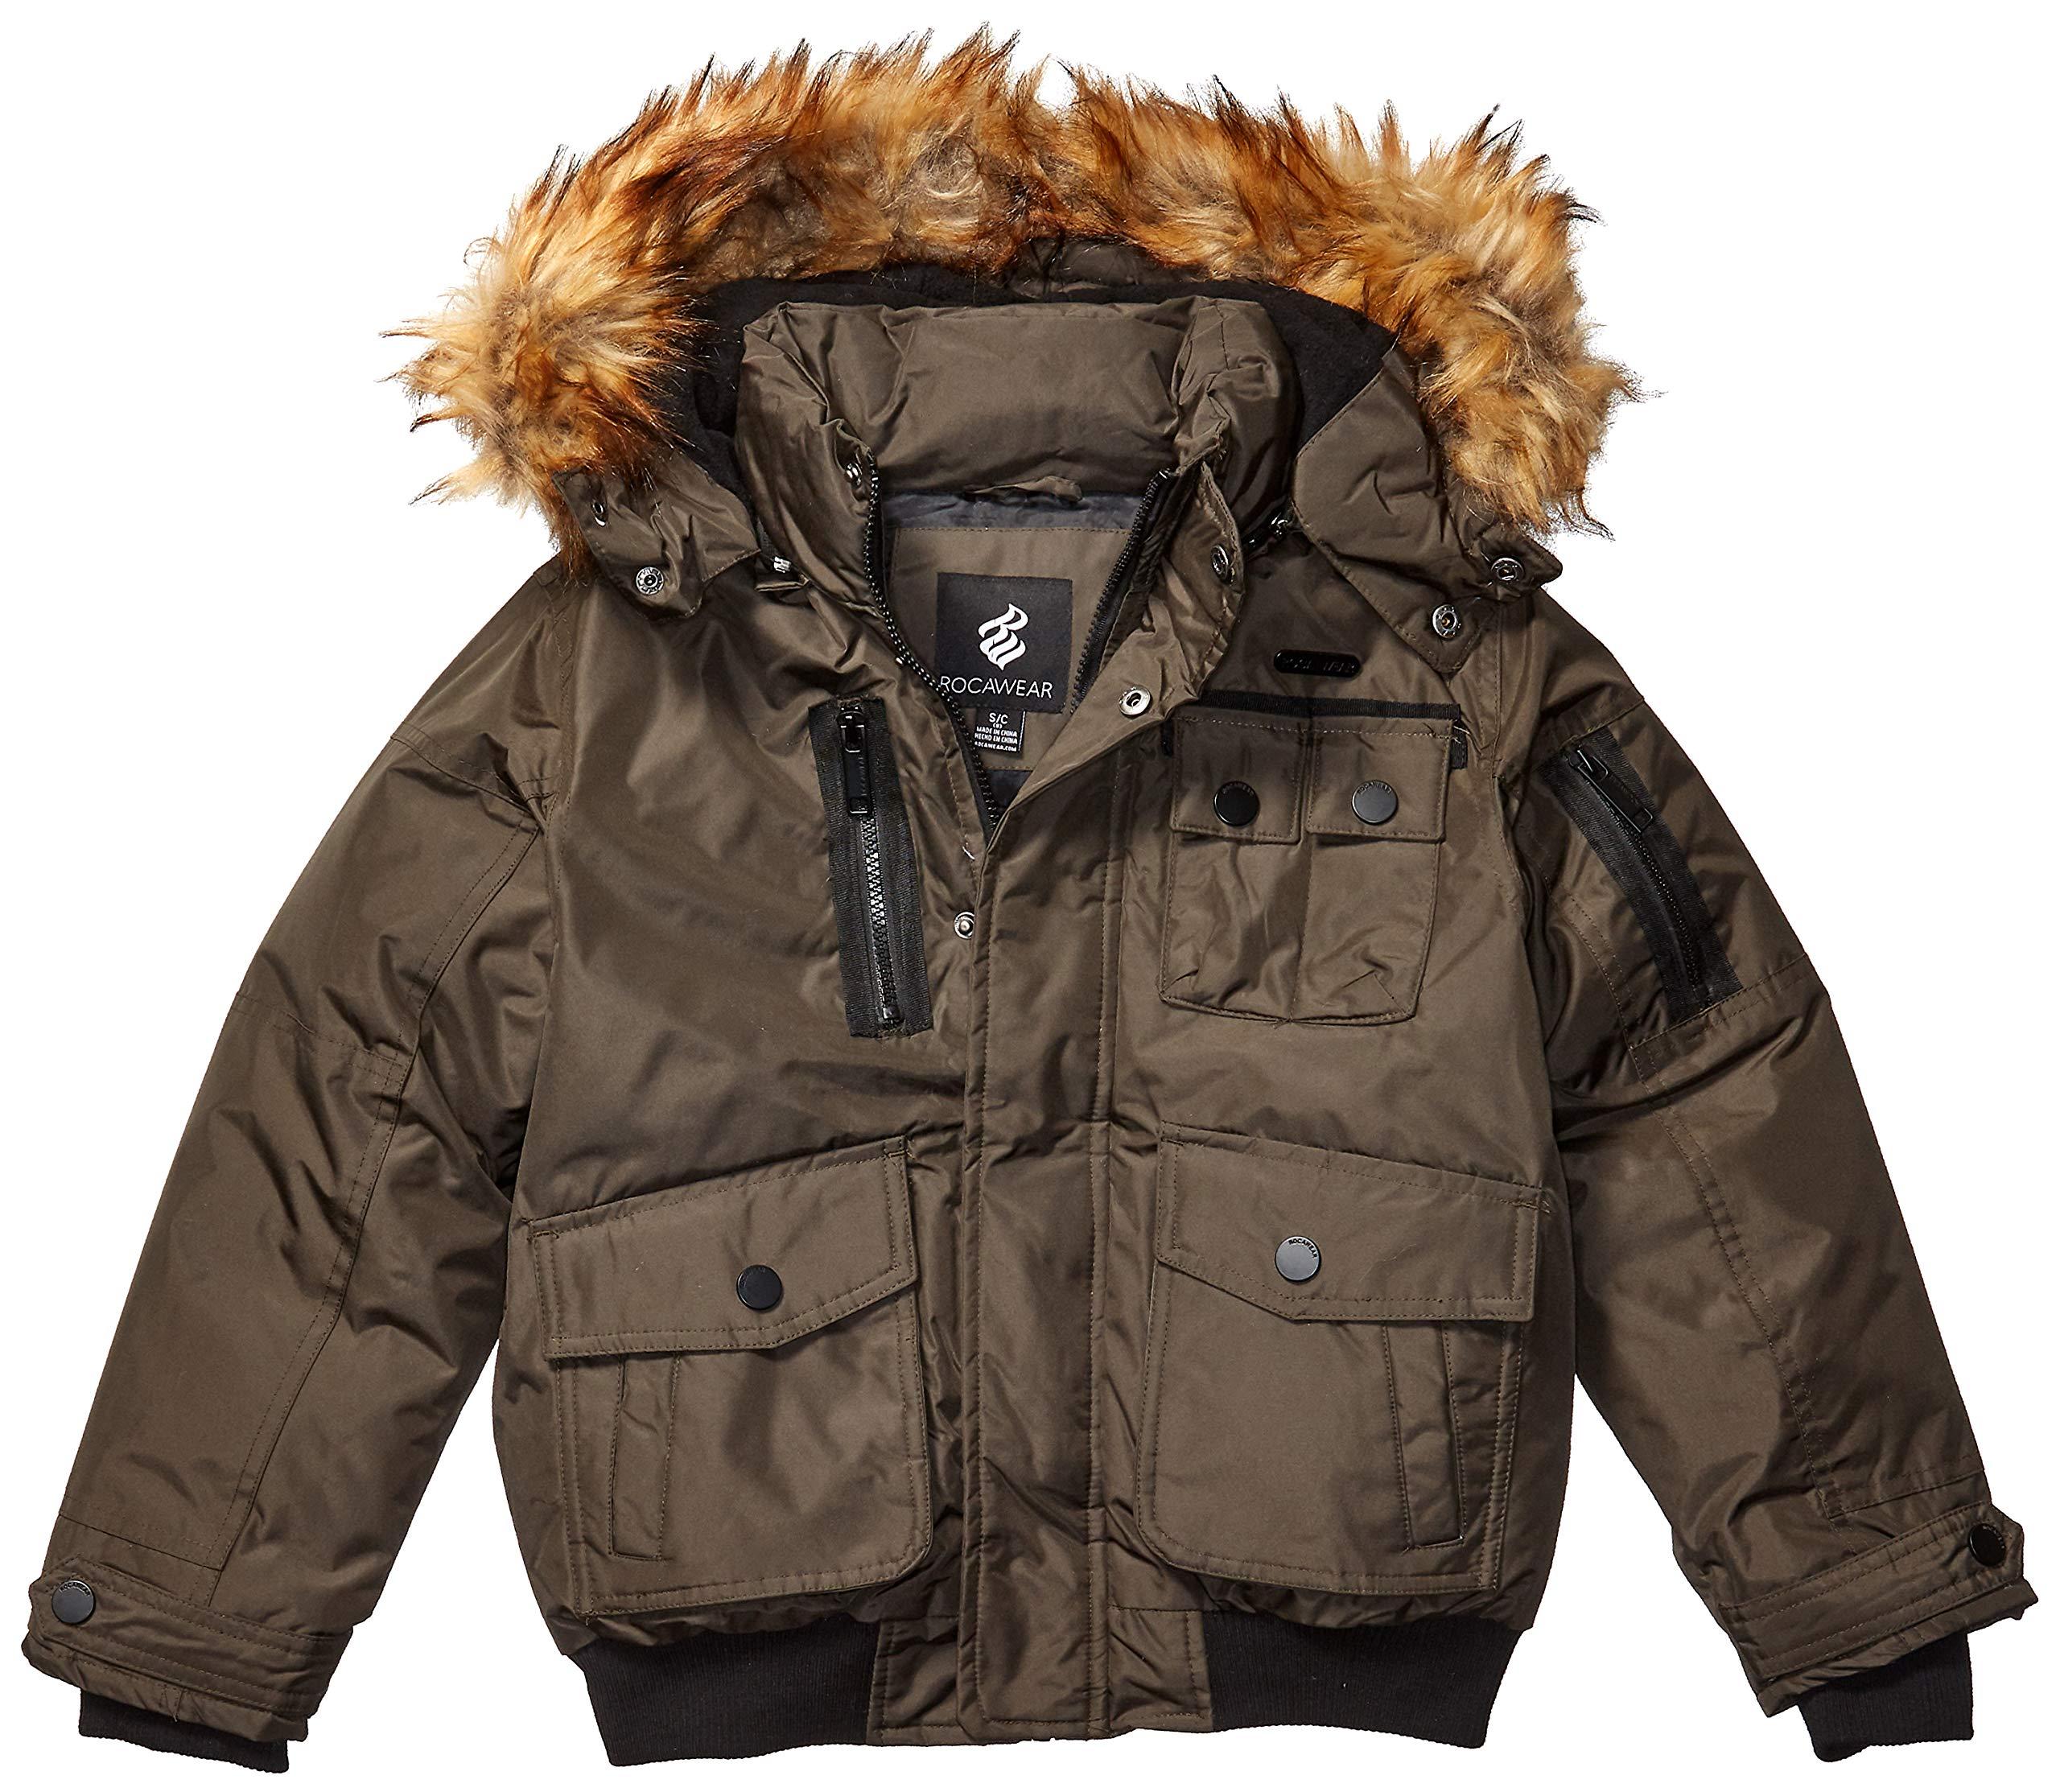 Rocawear boys Outerwear Jacket